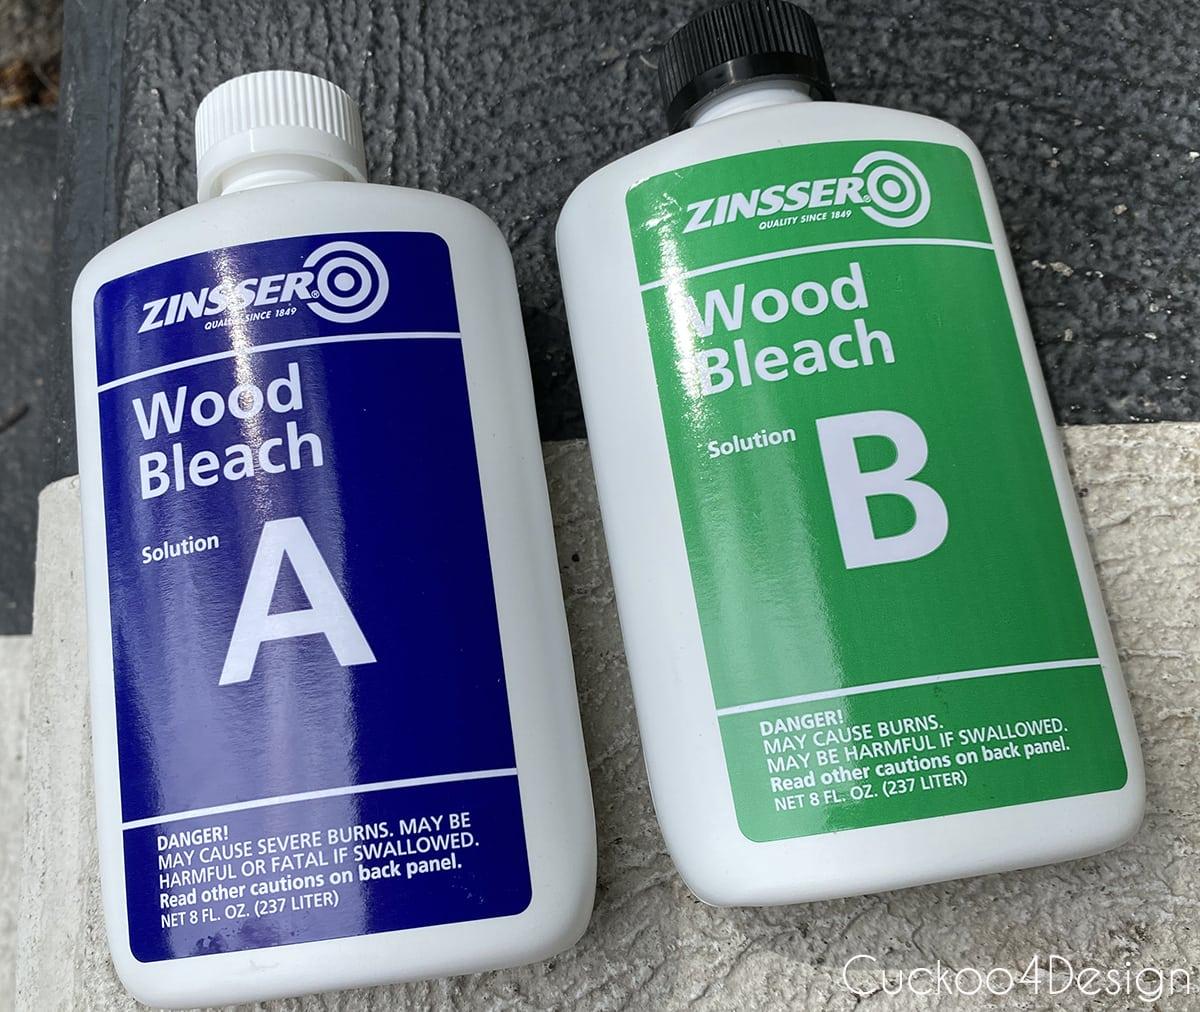 Zinsser part A wood bleach and part B wood bleach